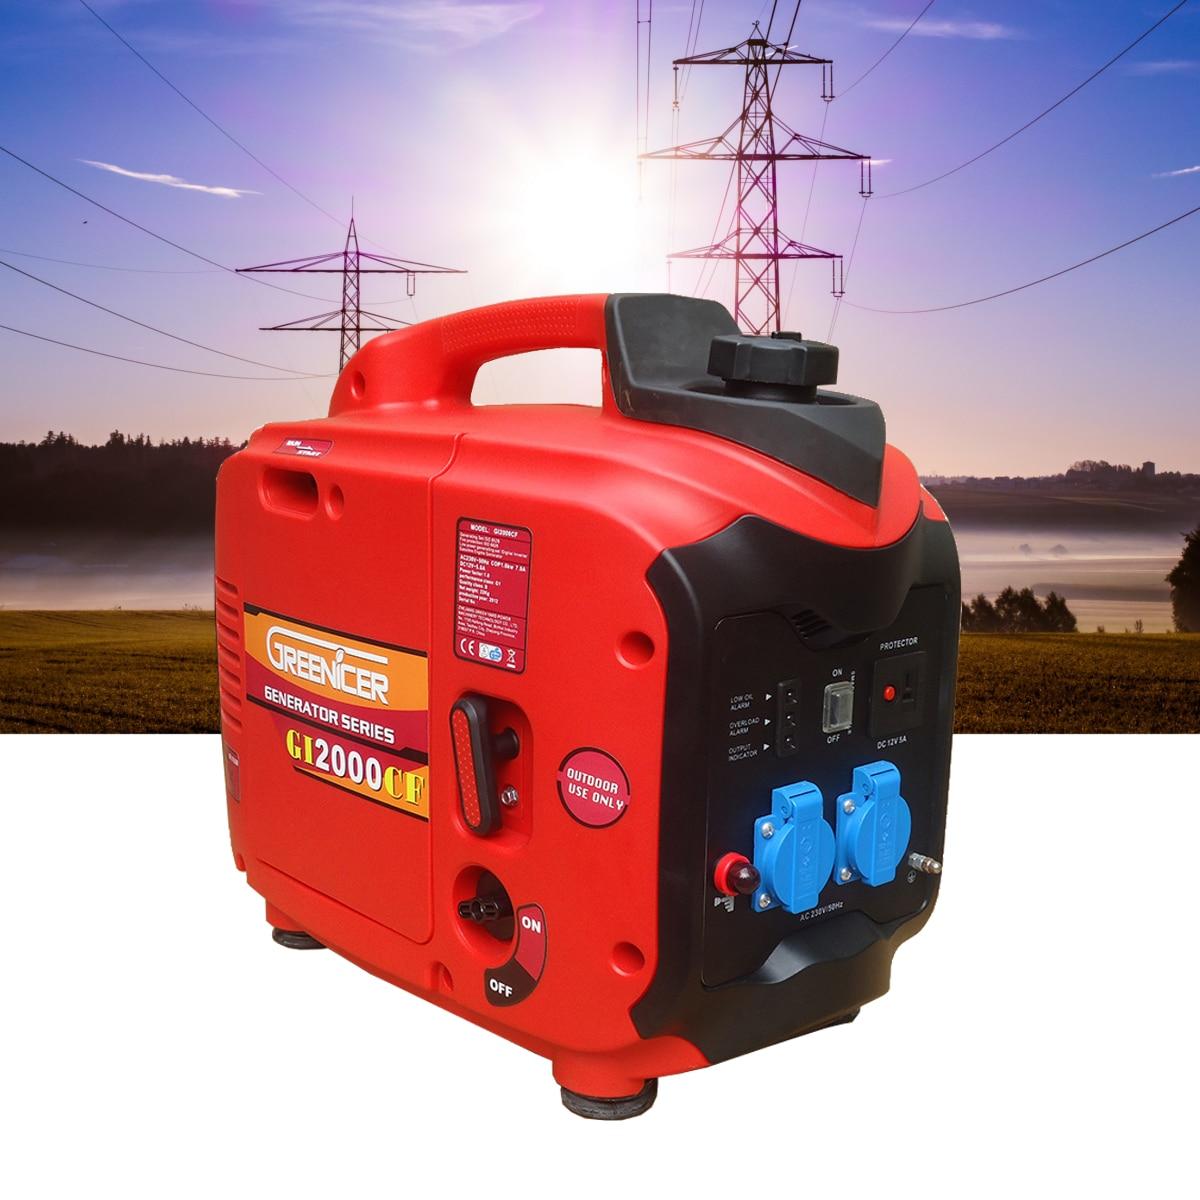 1/2/3KW 220 v Elettrico Portatile DC/AC Inverter Generatore di Benzina Digitale del Motore Alimentato Generatore Set potenza Ture carburante Basso